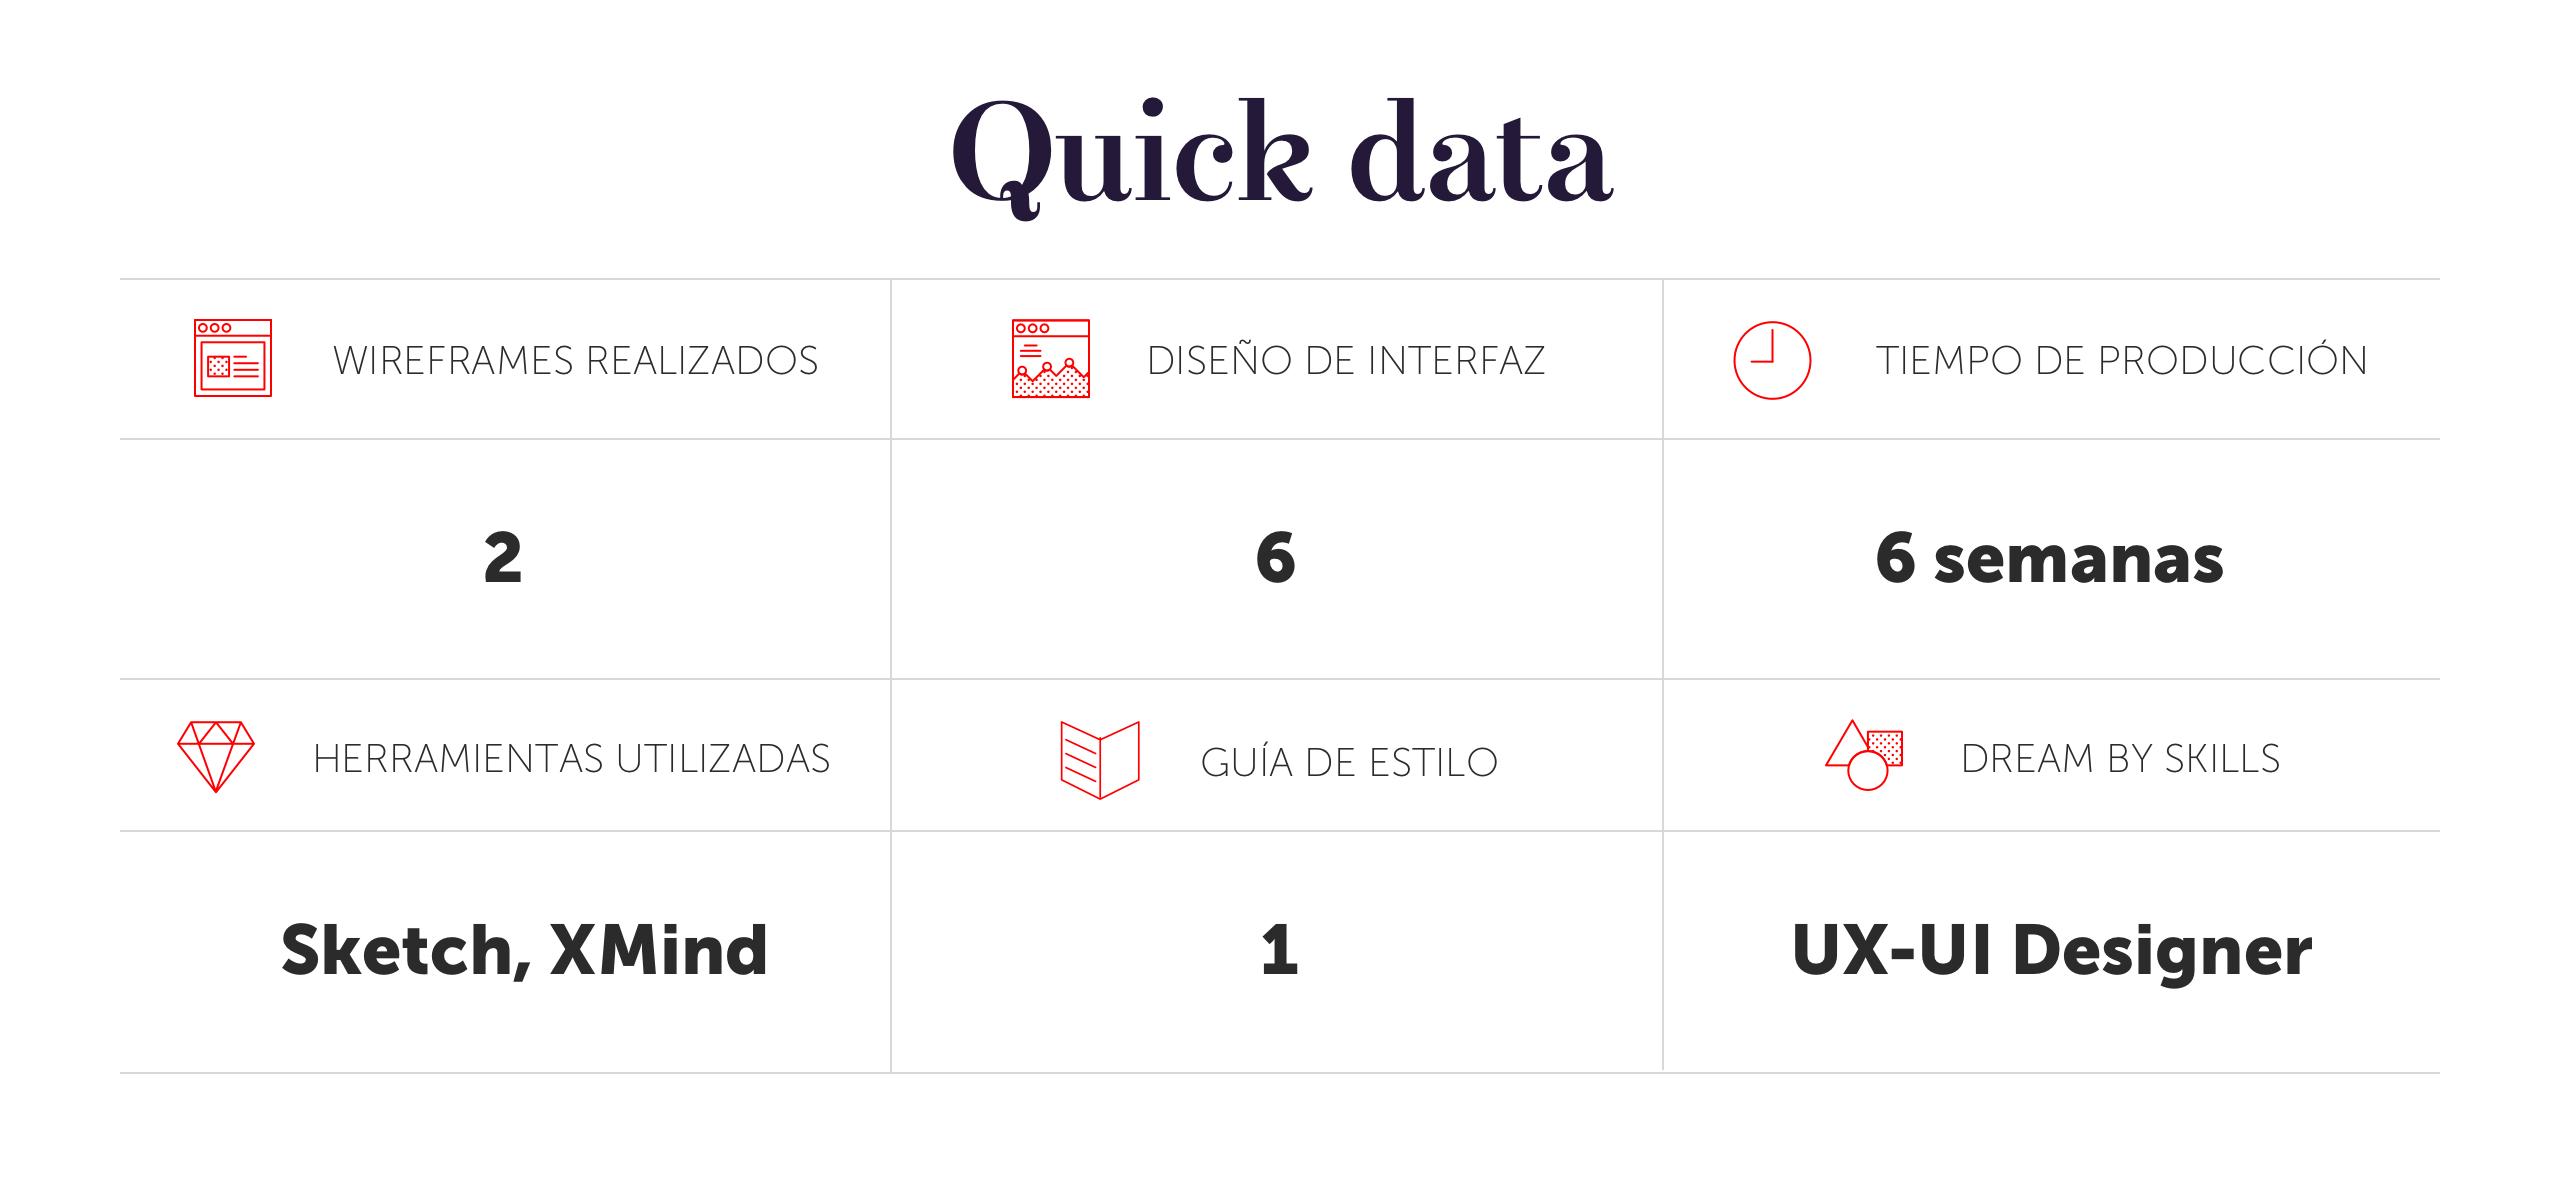 cemex-quickdata-4